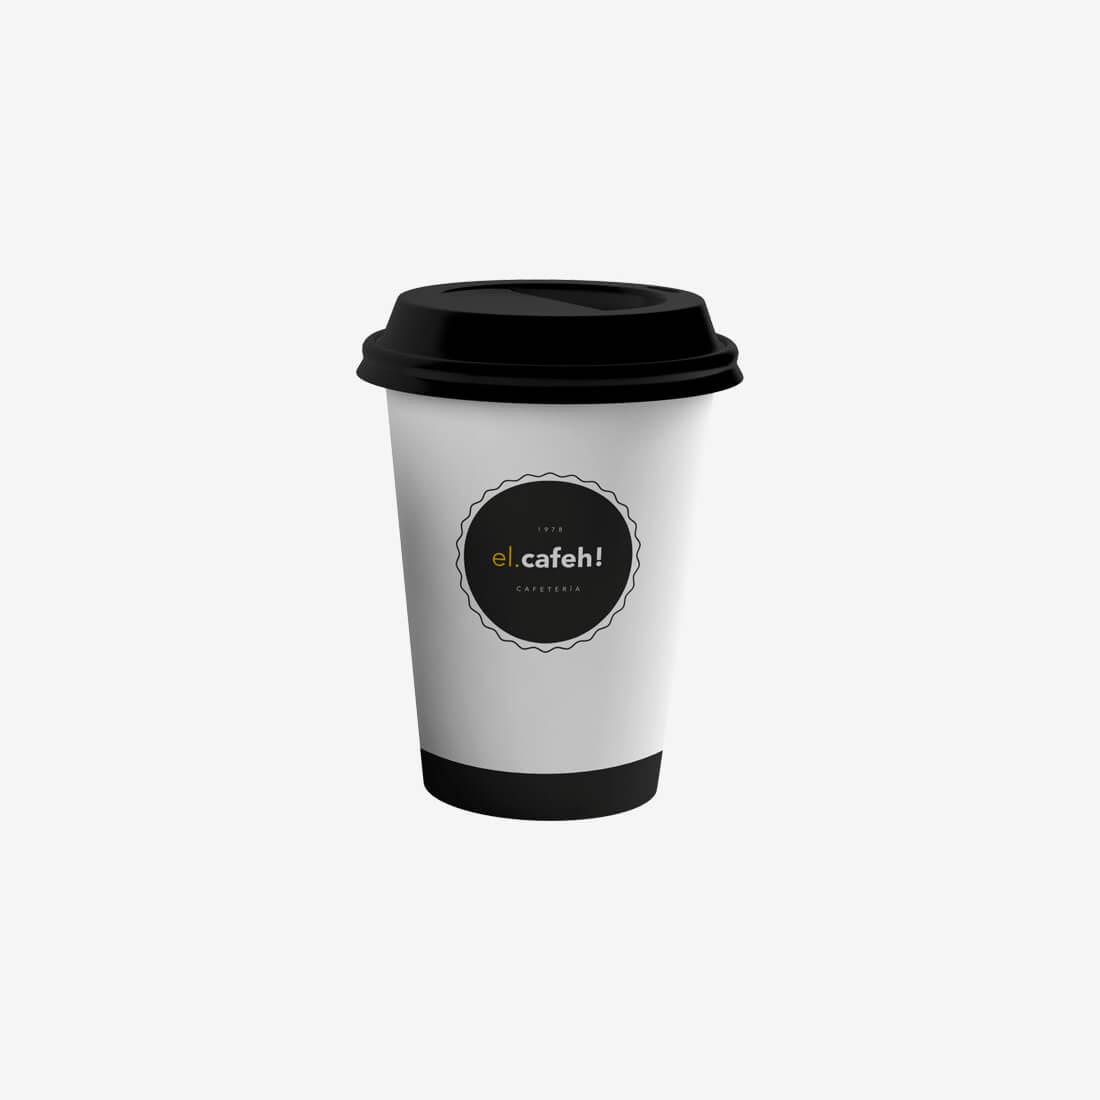 portfolio4sqare - طراحی محصول